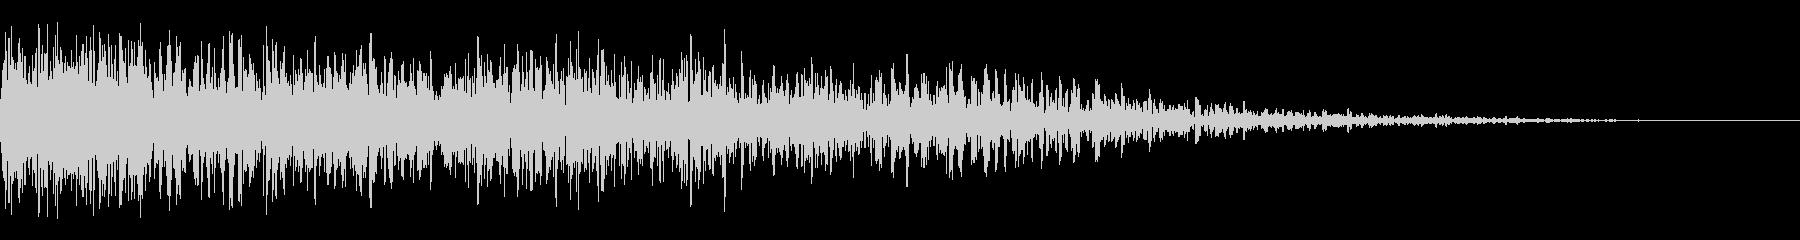 ビッグブーマーインパクト4の未再生の波形